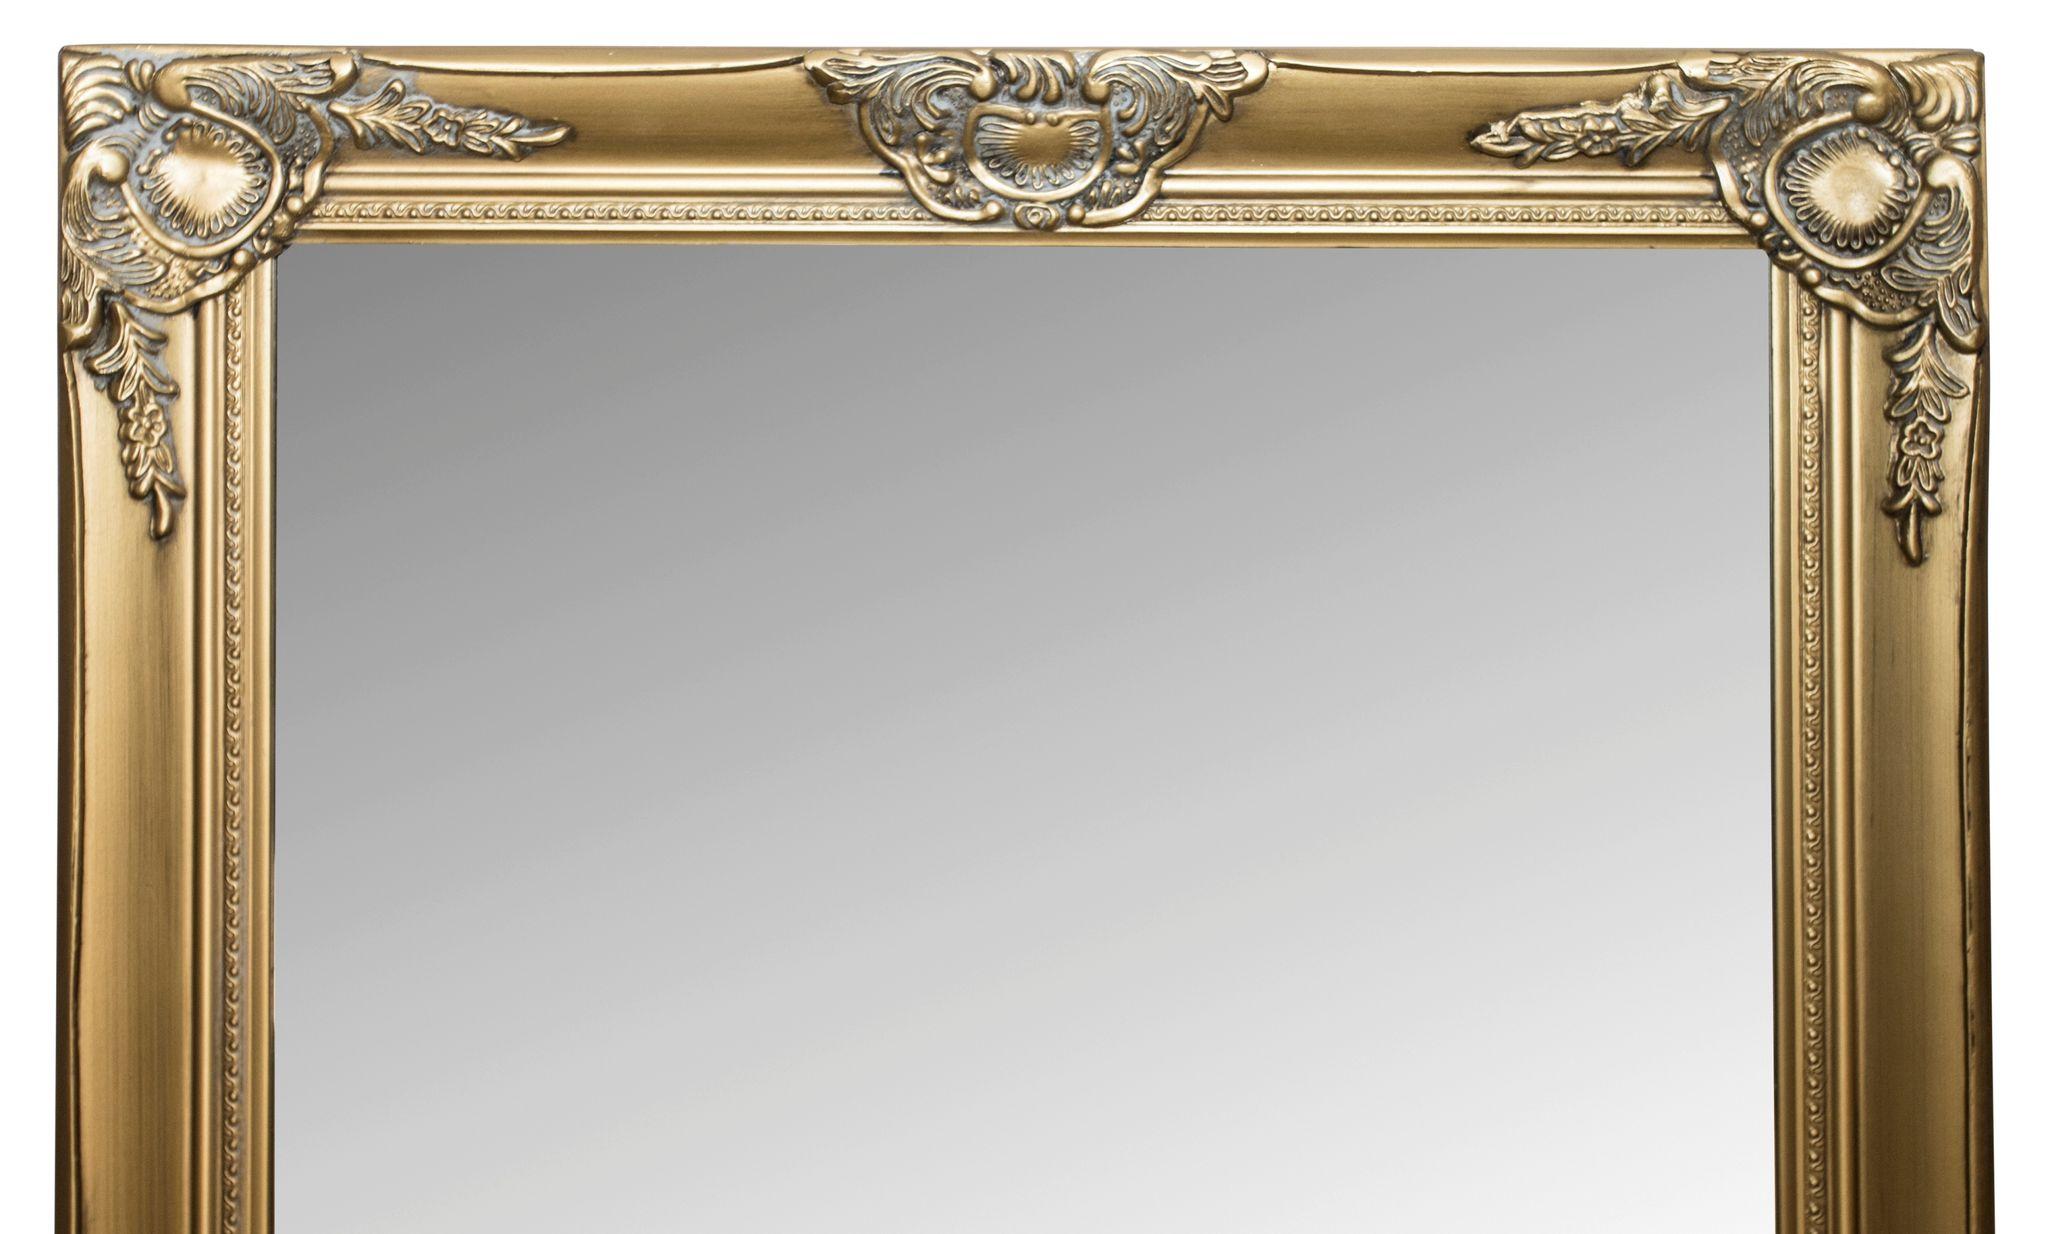 spiegel gold 187cm elbm bel online shop. Black Bedroom Furniture Sets. Home Design Ideas